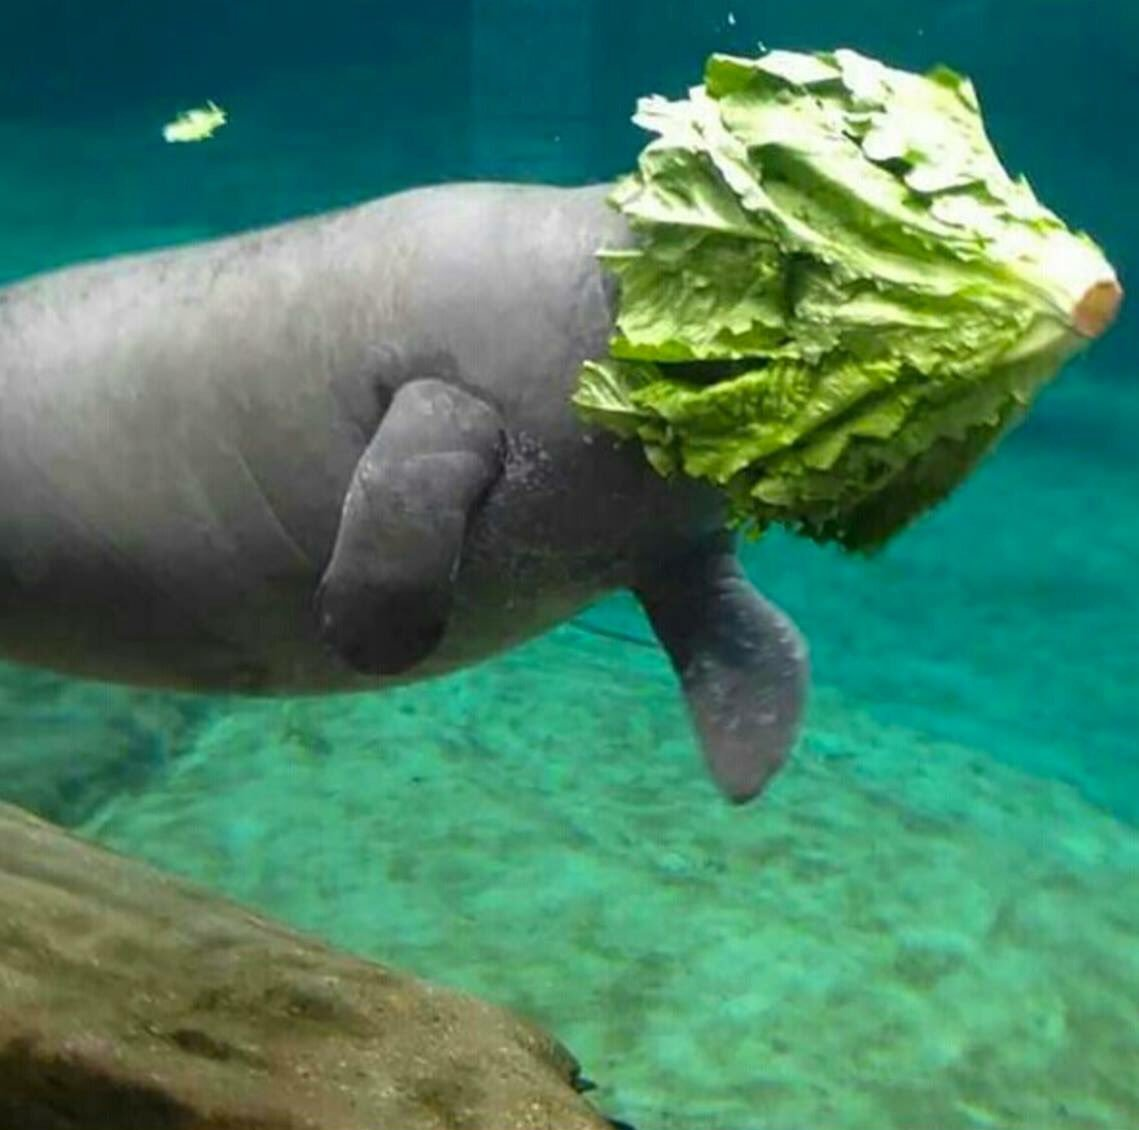 manatee failing to eat lettuce